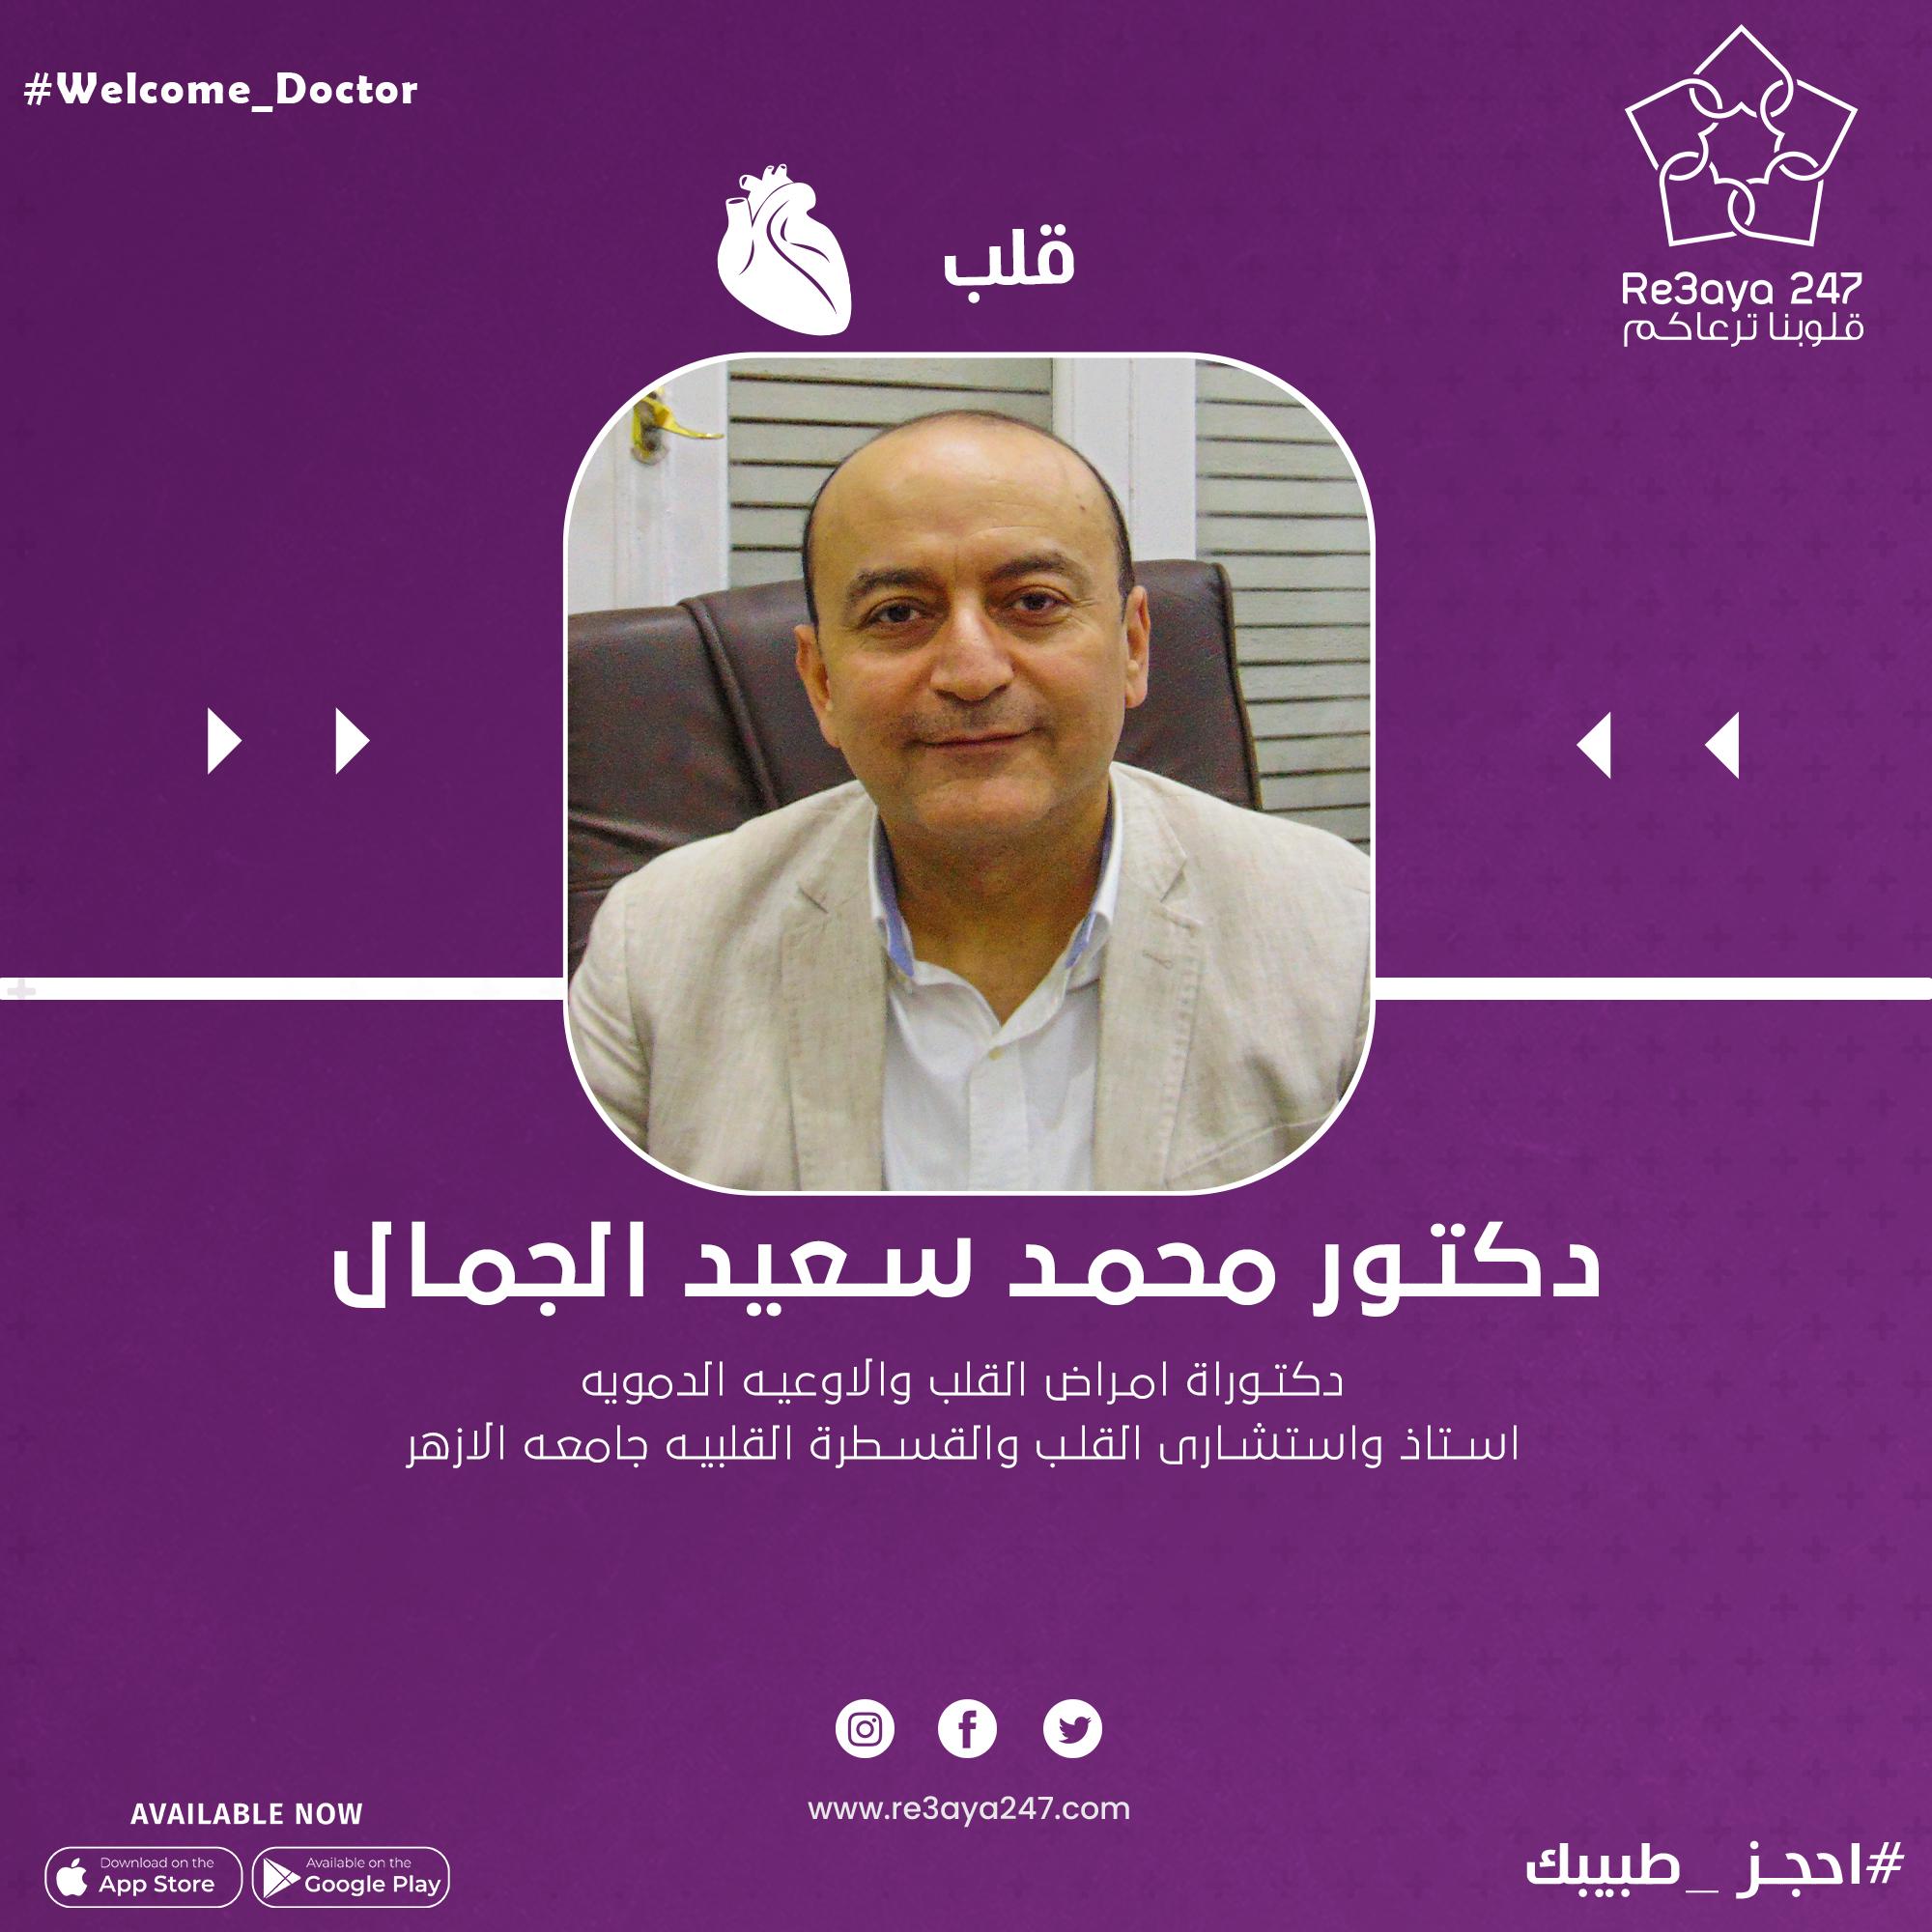 احجز مع د/محمد سعيد الجمال